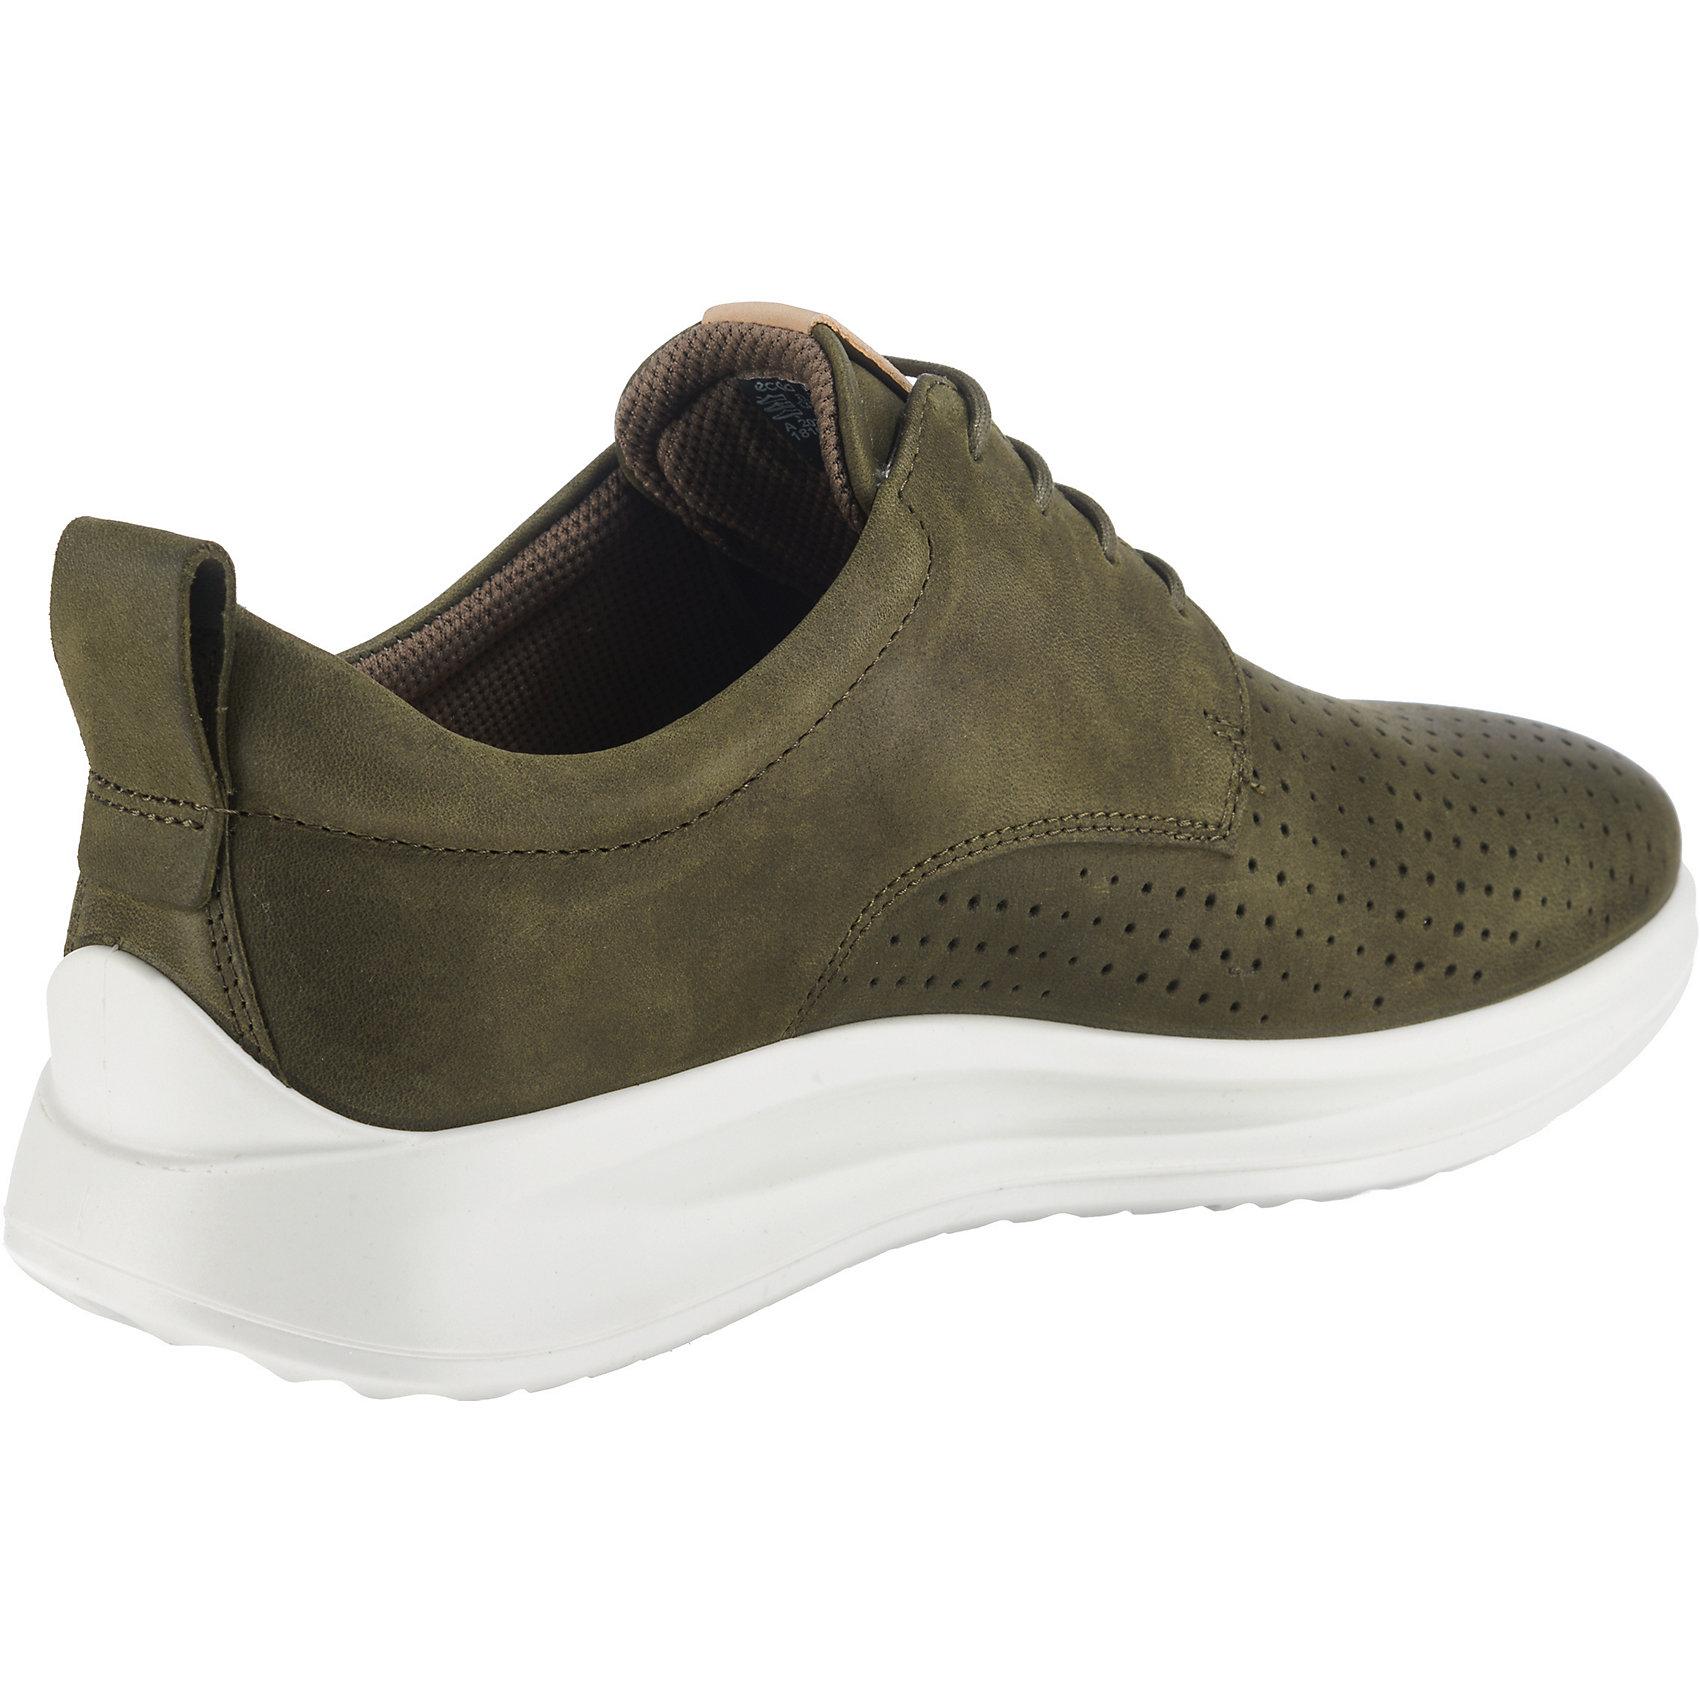 Neu ecco Aquet Sneakers Low khaki 7572062 für Herren khaki Low b32542